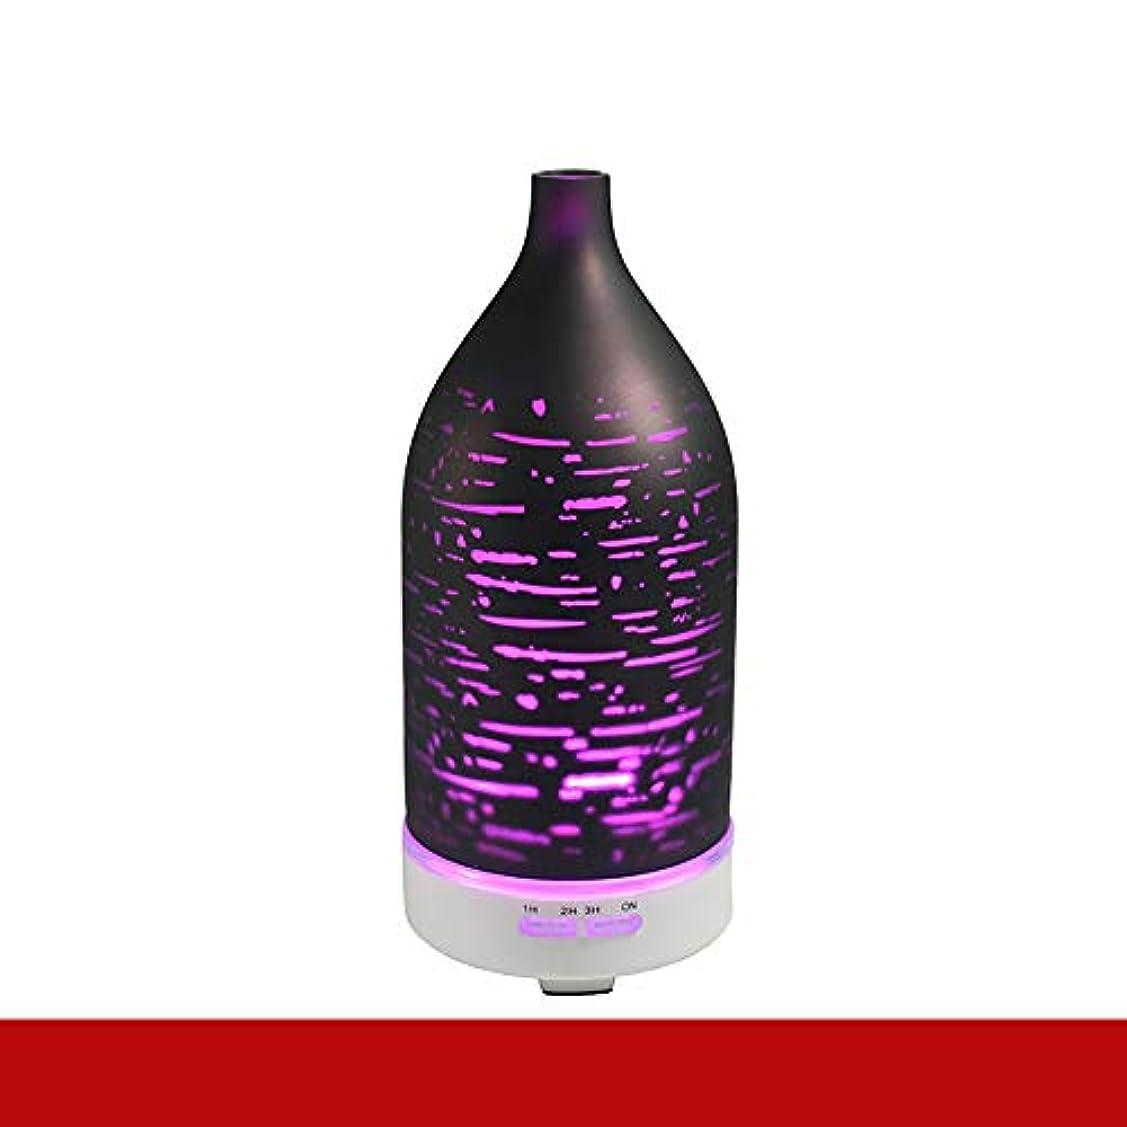 チラチラする保全魅力エッセンシャルオイルディフューザー電気超音波加湿器アロマセラピークールミスト加湿器空気清浄機7色 LED ライトホームベビールームベッドルームオフィス